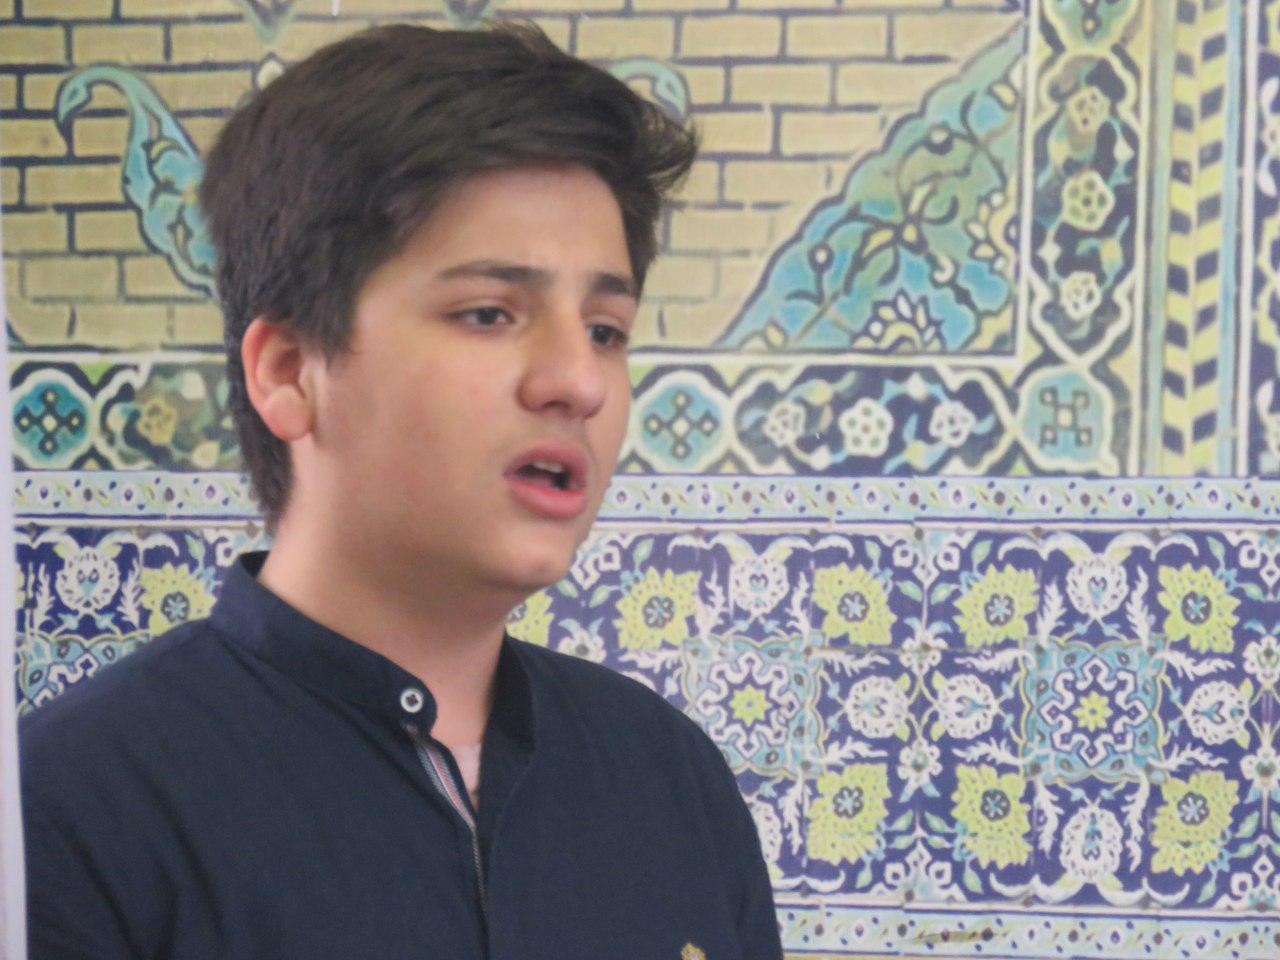 نتایج المپیاد ریاضی هفتم مشهد دبیرستان شهید اژه ای 2 - مدرسه هوشمند